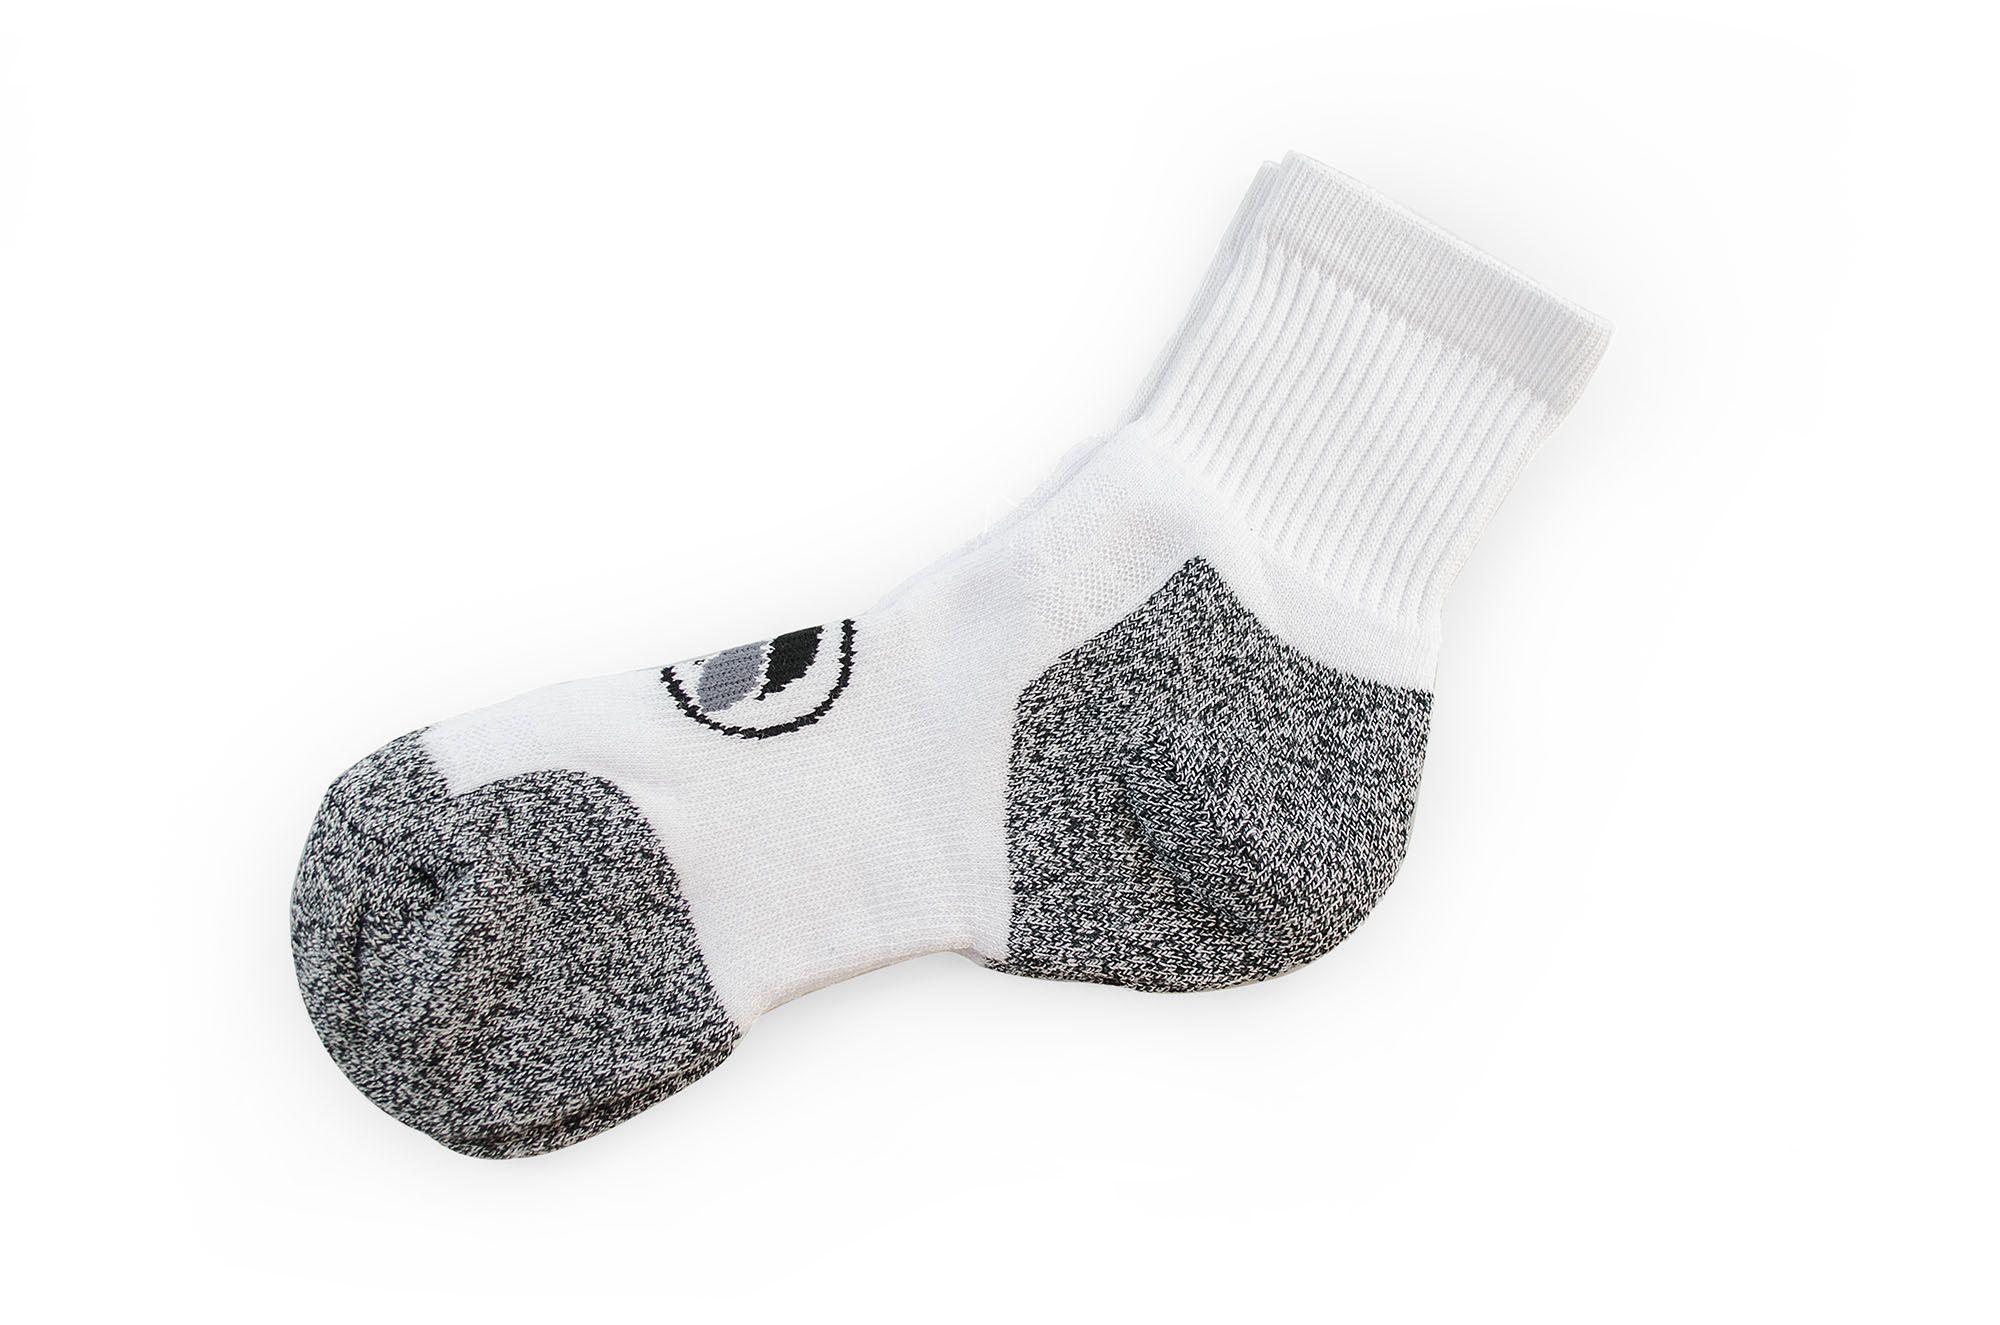 Meia Vegano Shoes Viburgo Cano Médio Branco/Cinza